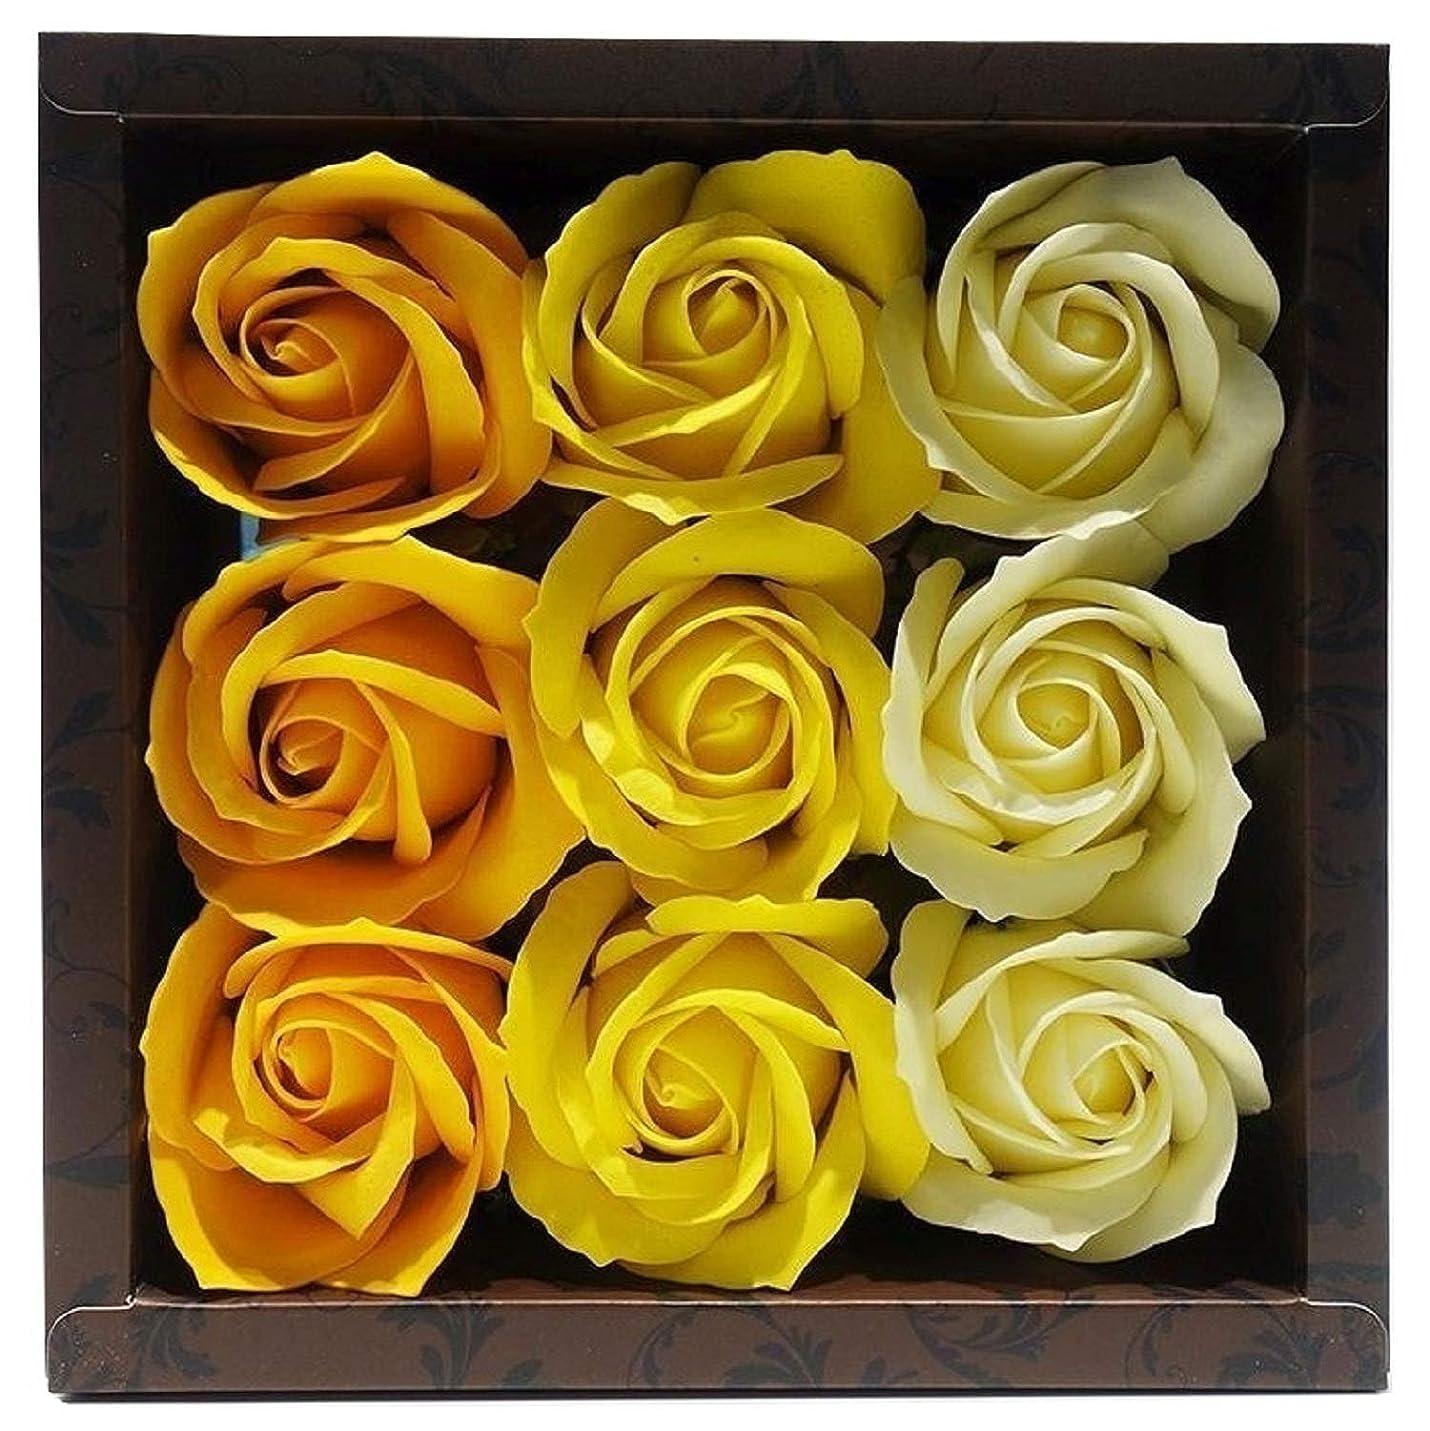 外科医社会以内にバスフレグランス バスフラワー ローズフレグランス イエローカラー ギフト お花の形の入浴剤